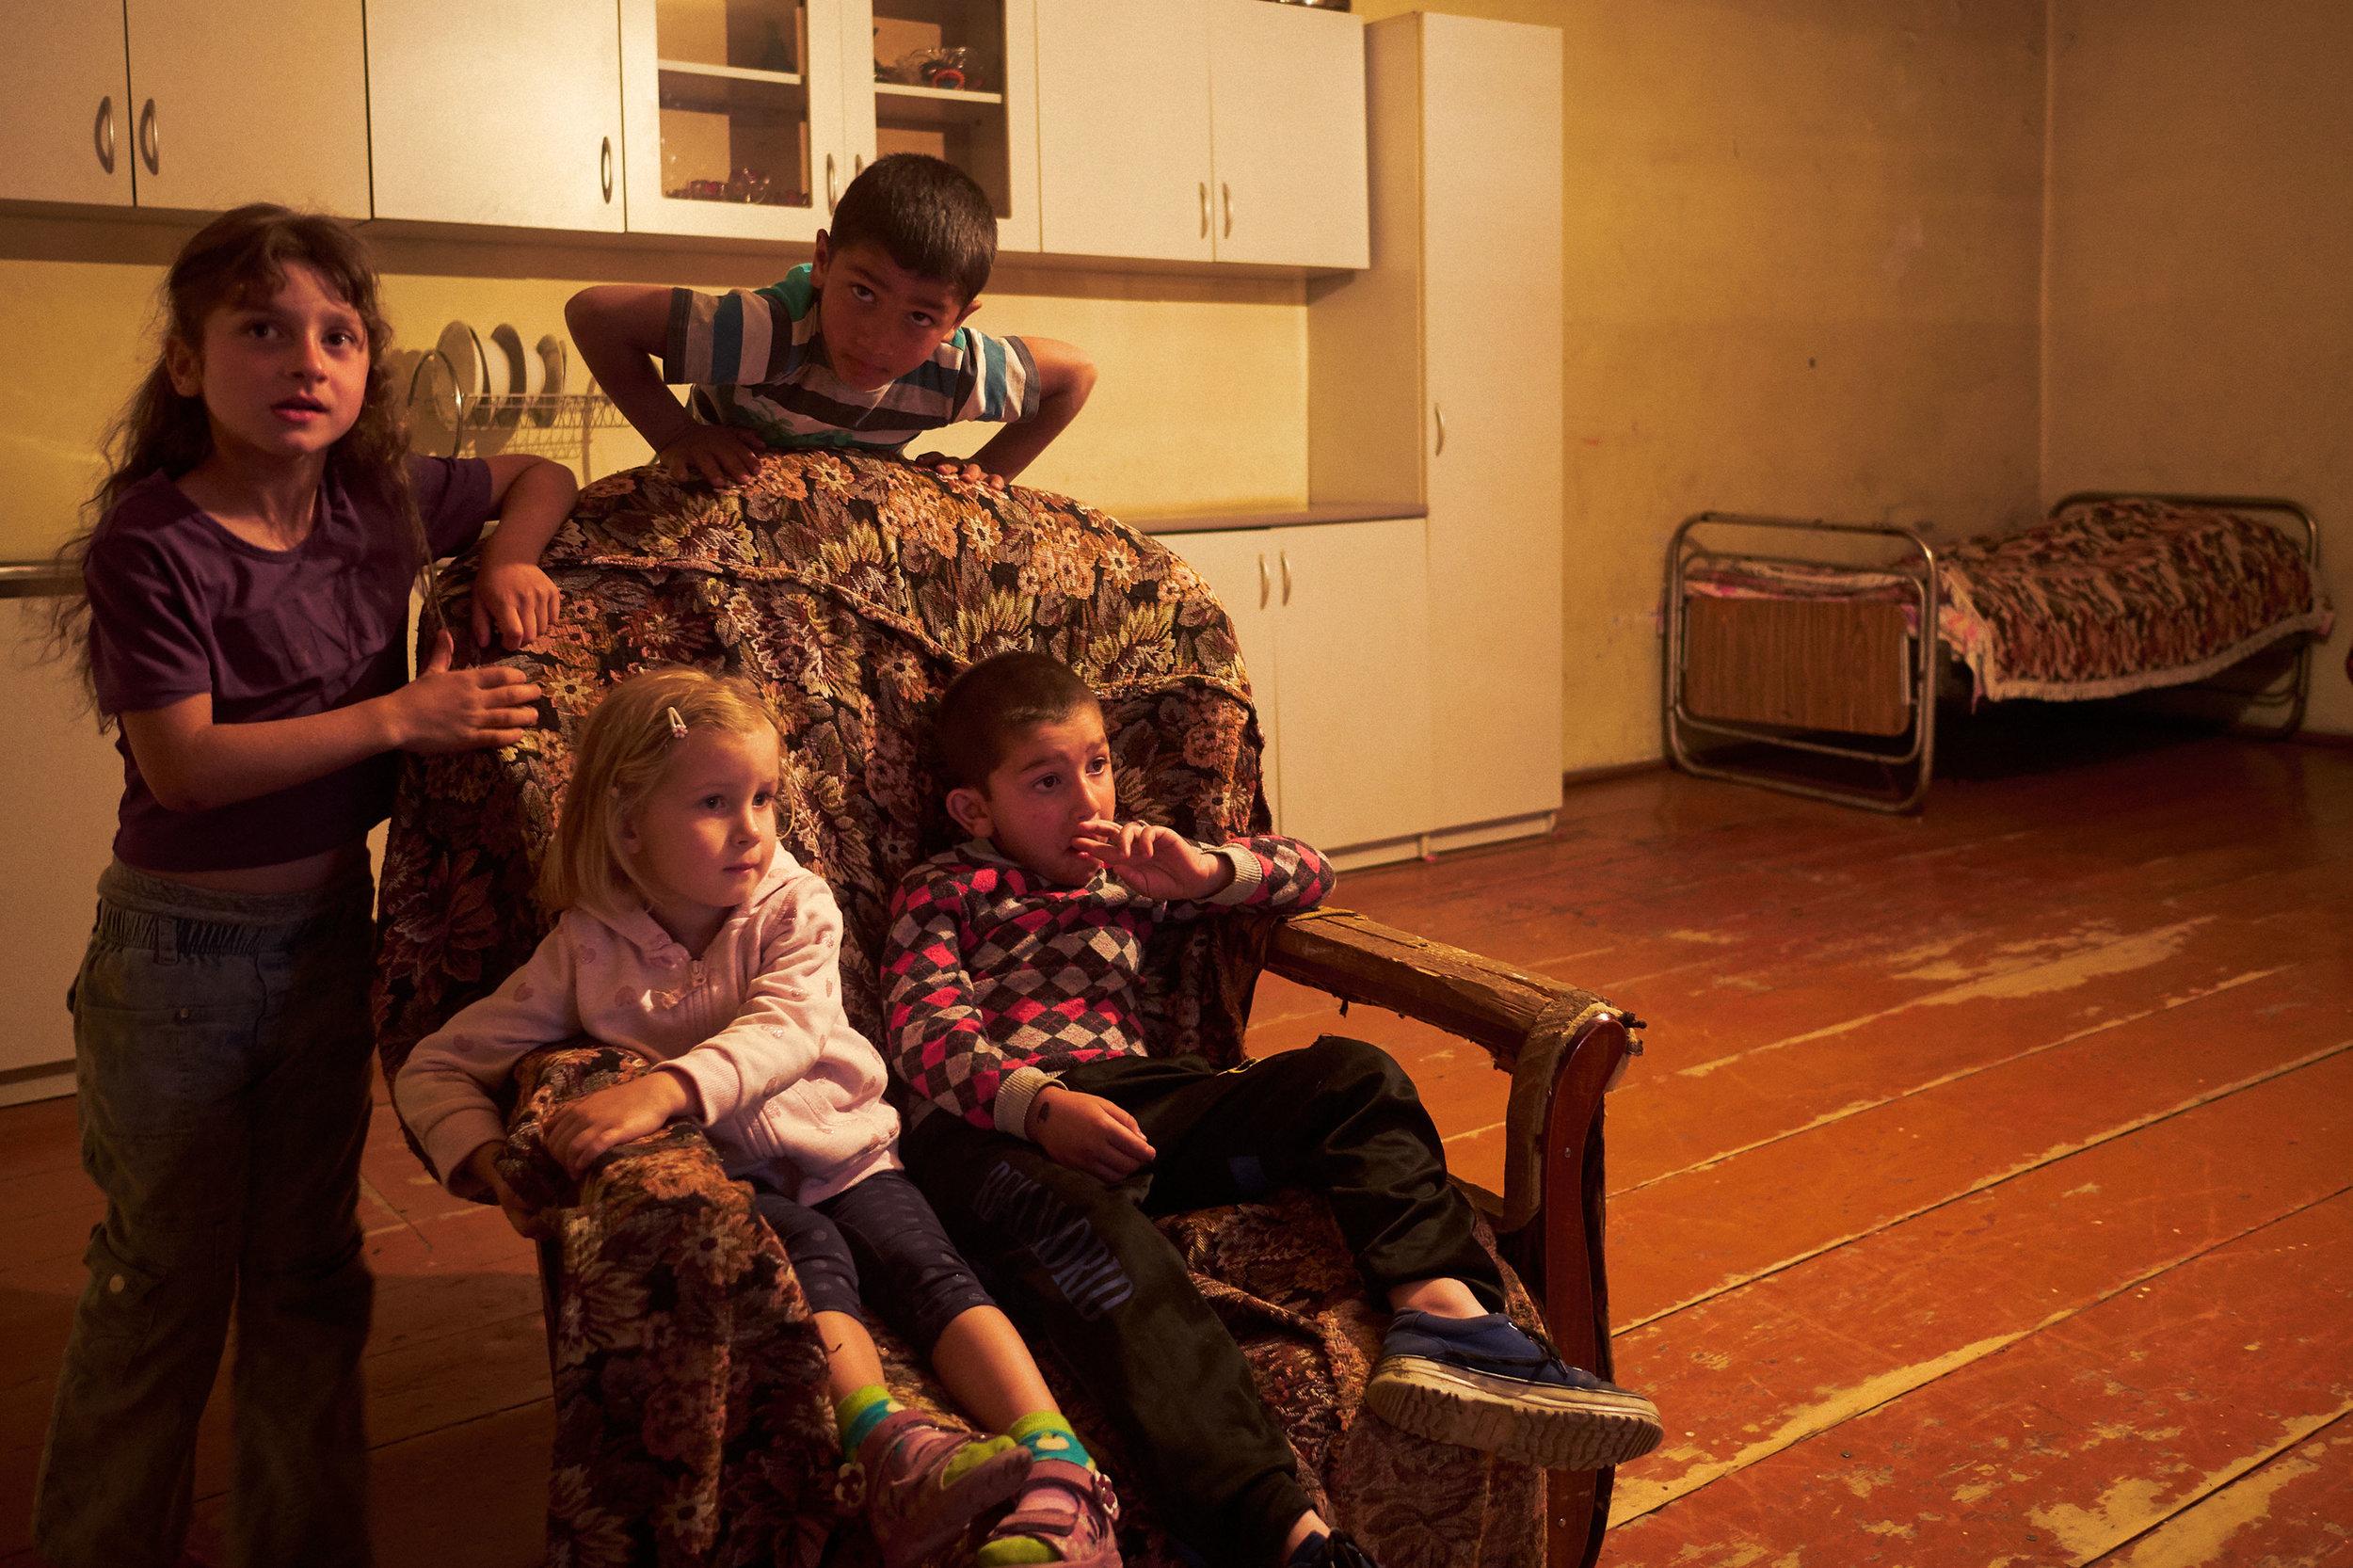 Svaneti-Mia-and-children-watch-TV